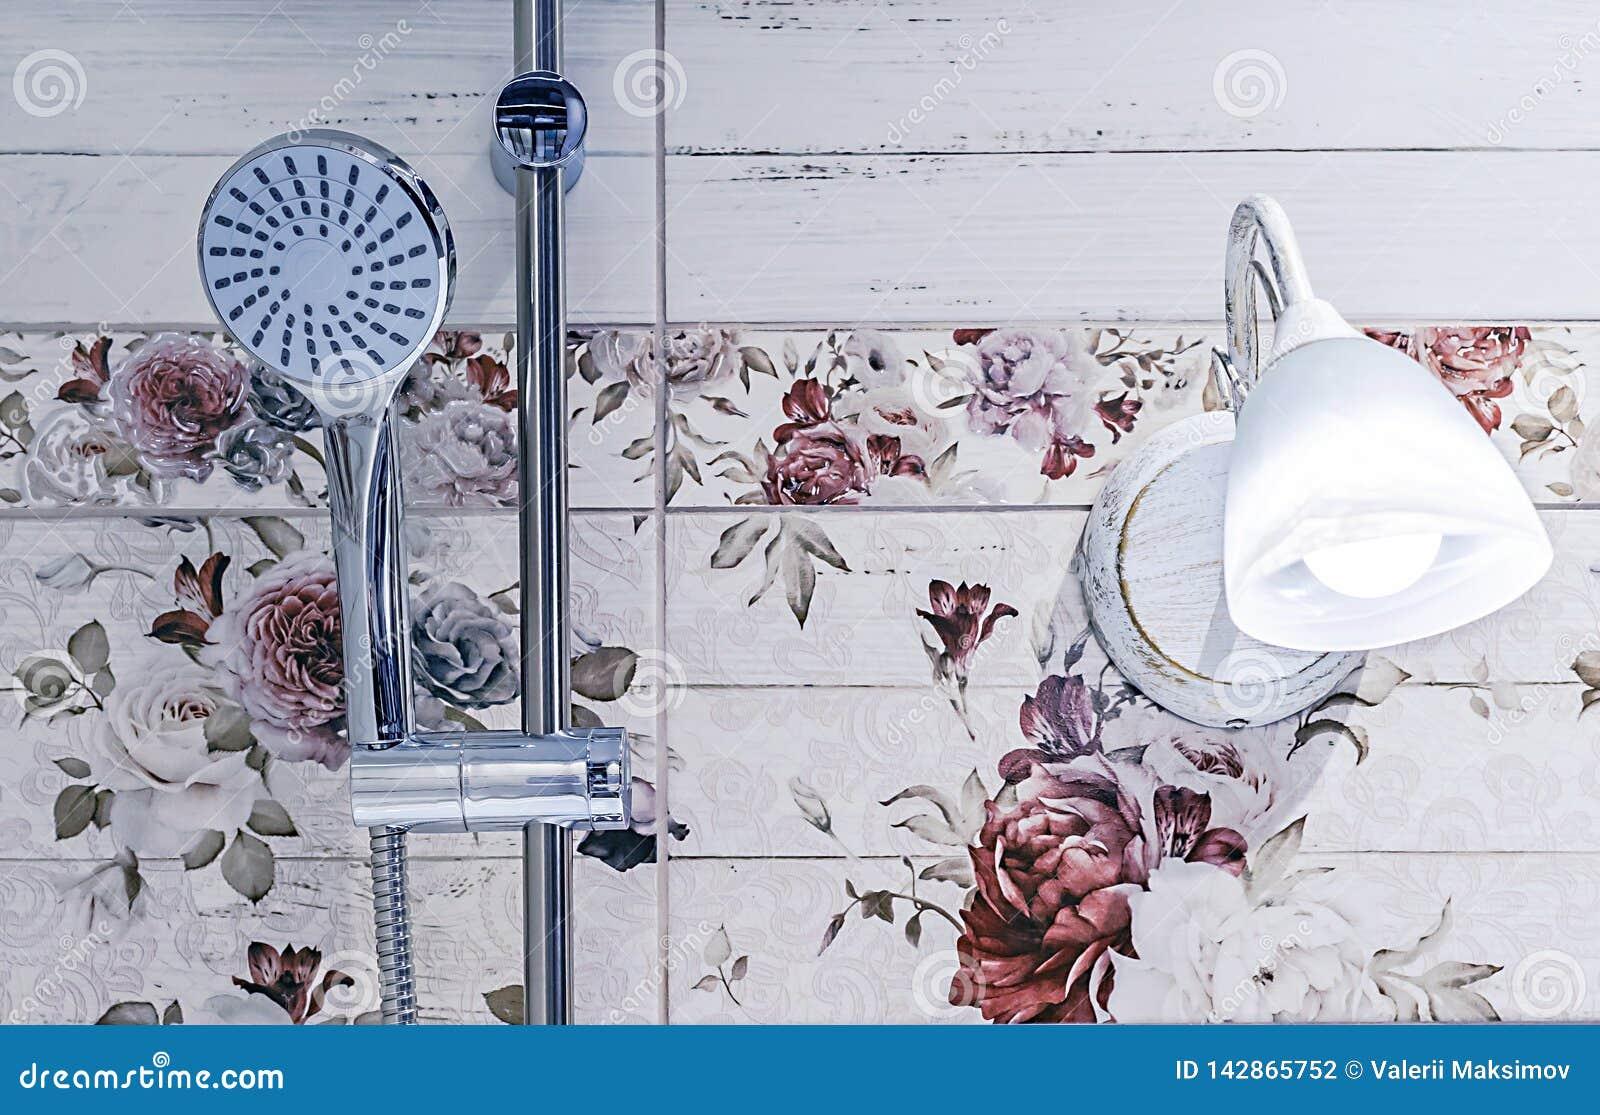 Cabezal de ducha de Chrome en el interior del cuarto de baño